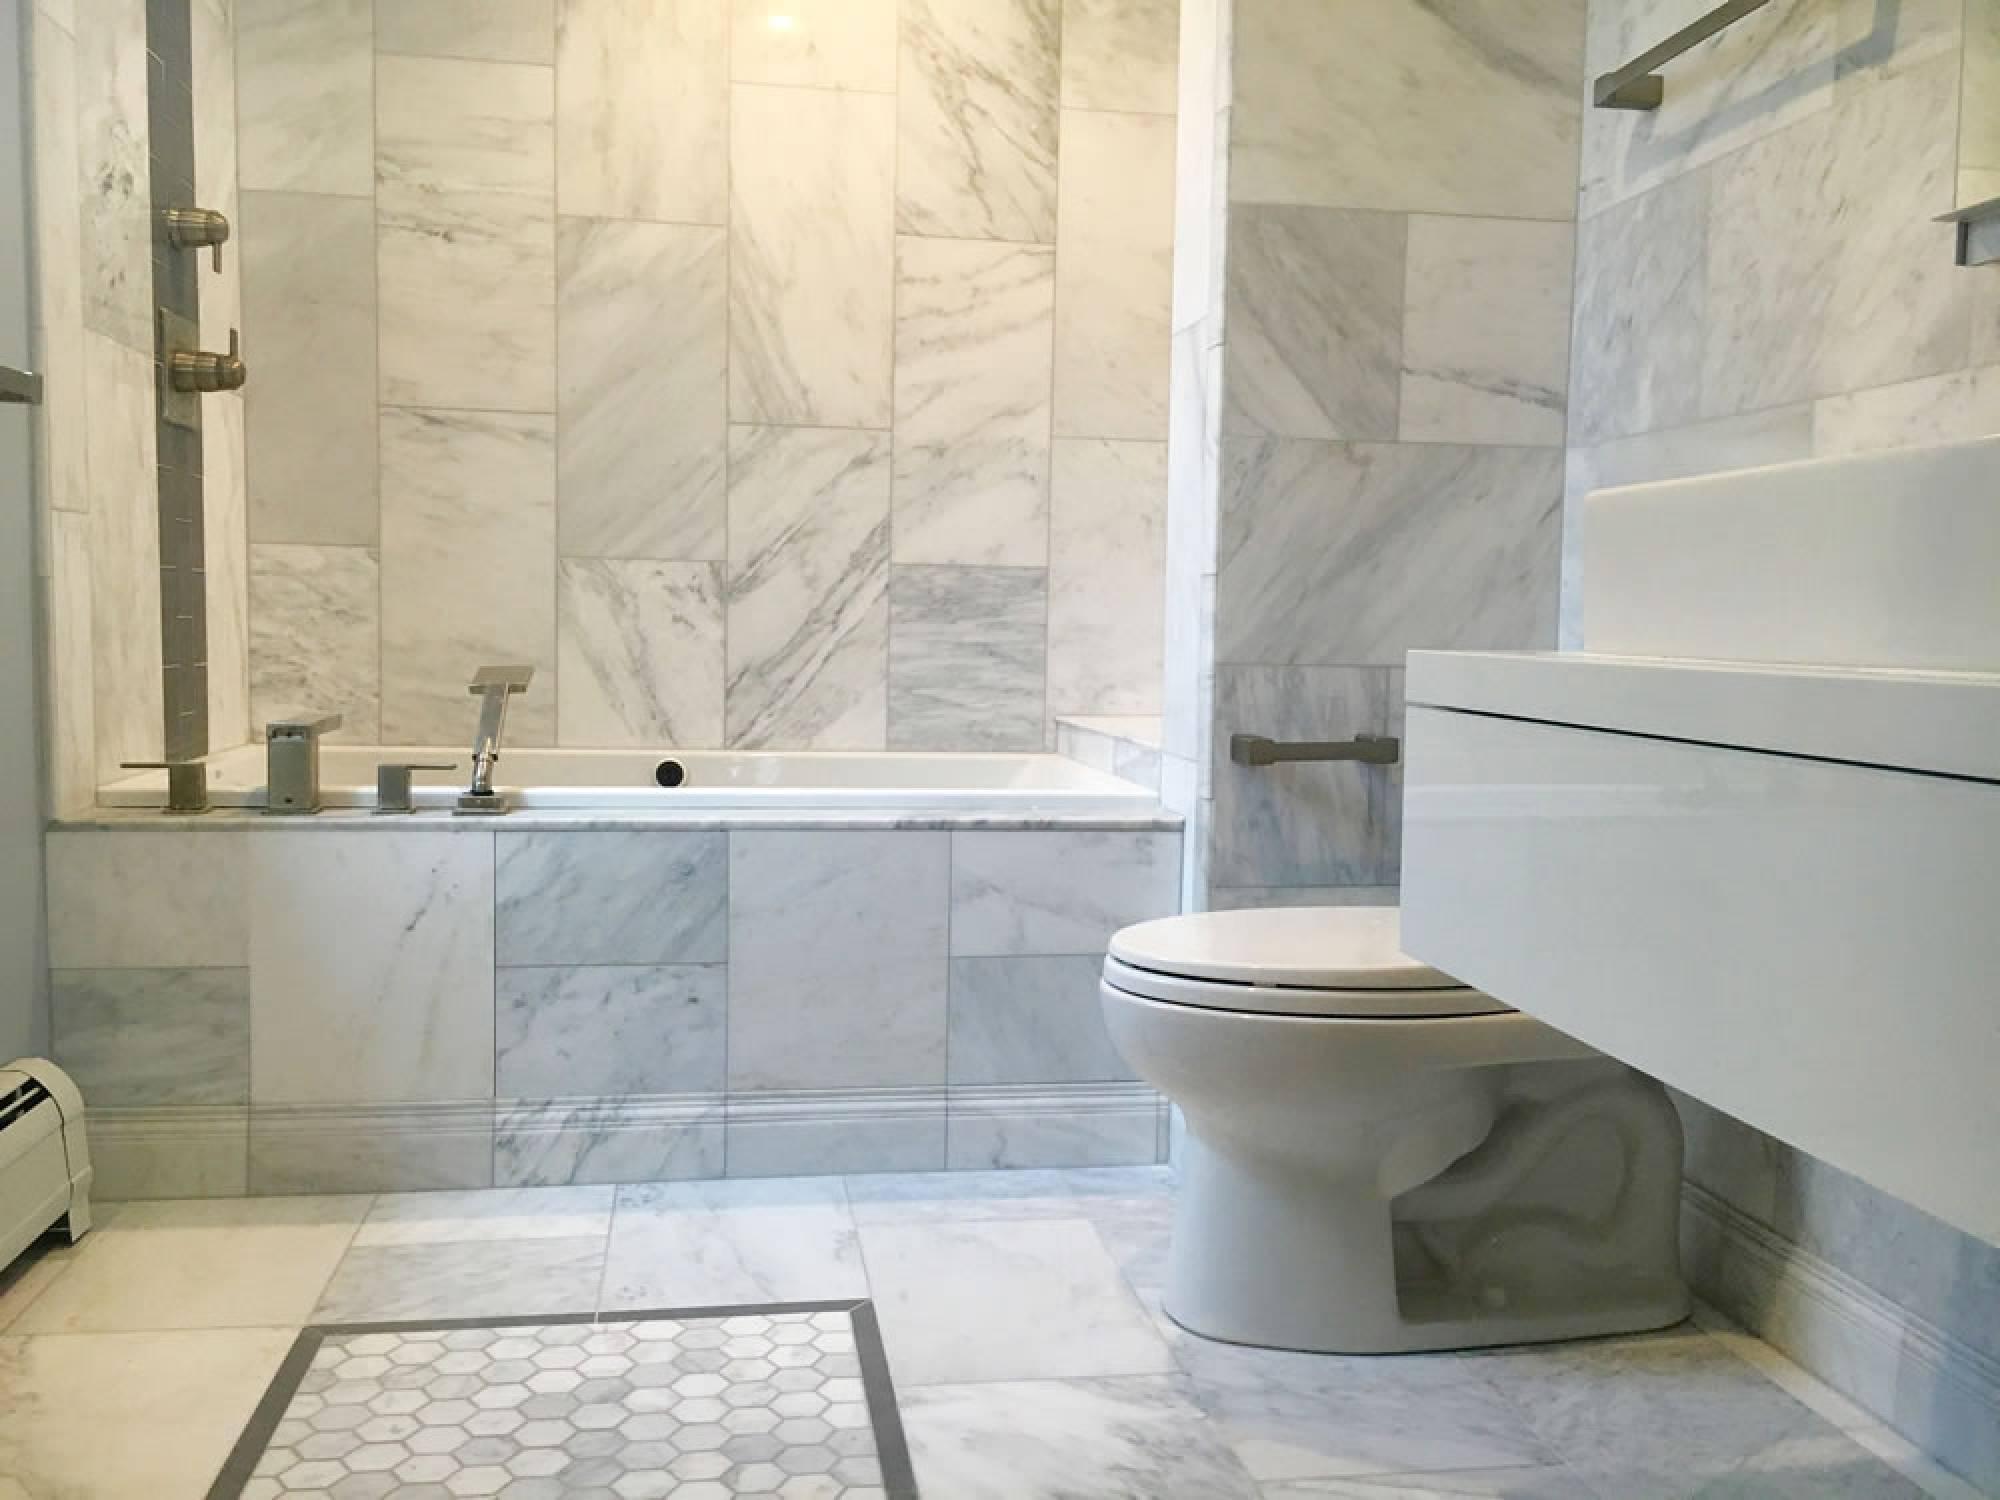 bathroom-remodeling-001.jpg